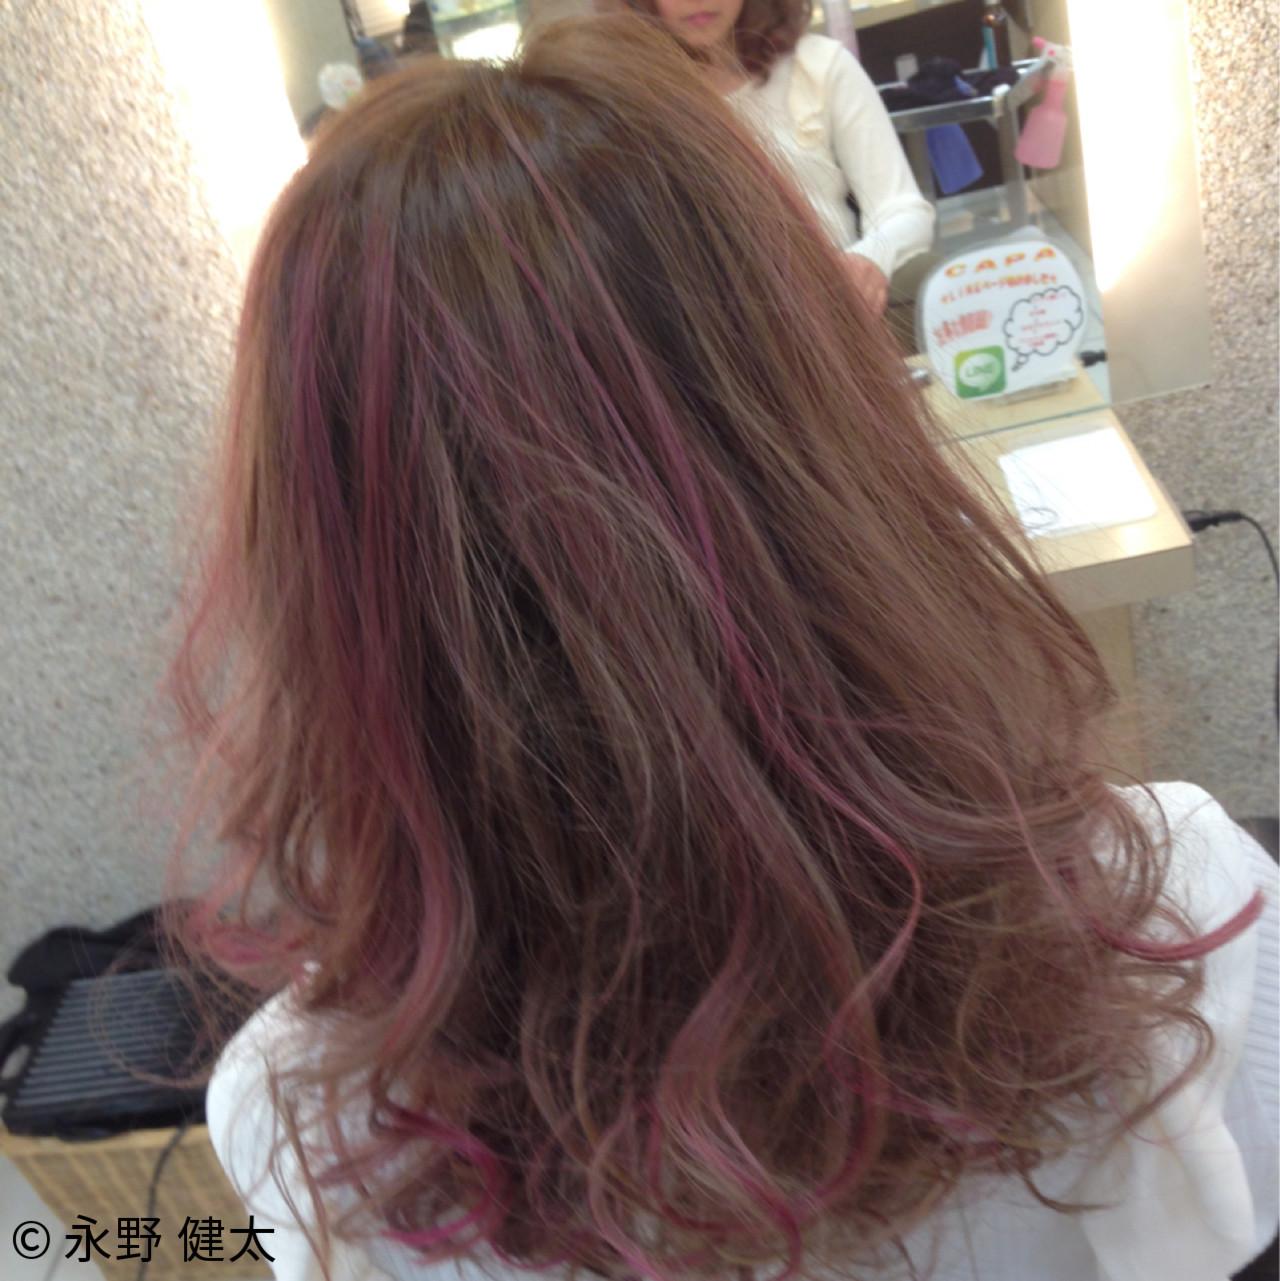 メッシュ ハイライト ピンク ガーリー ヘアスタイルや髪型の写真・画像